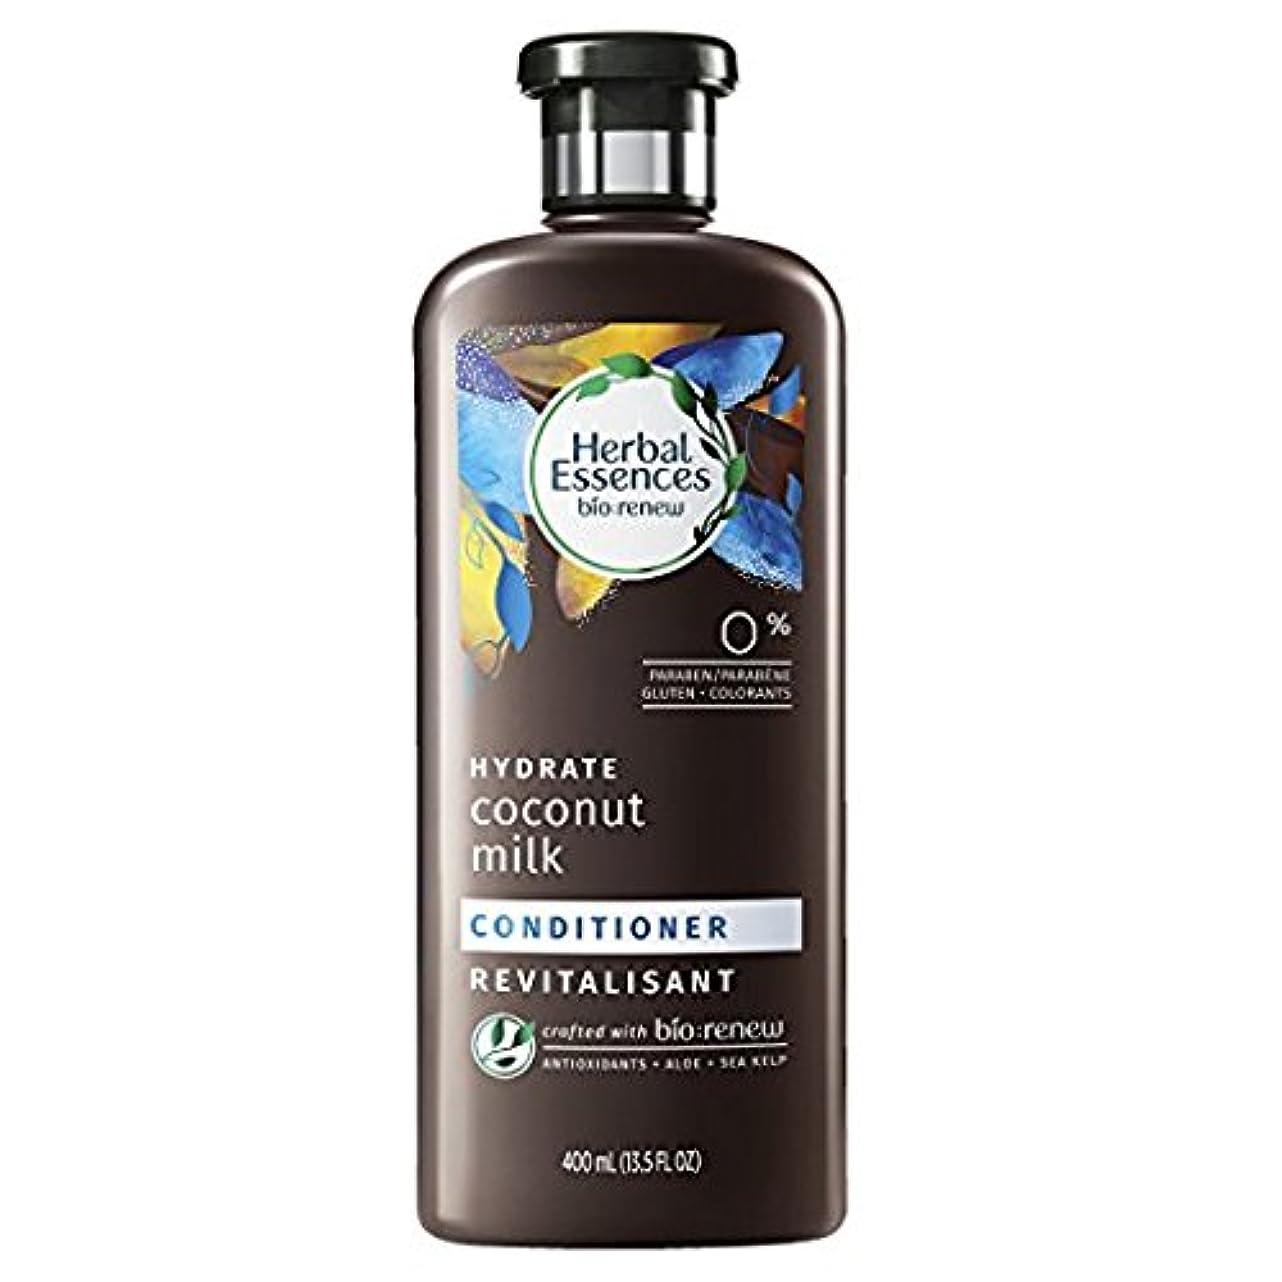 変化する名前でダースHerbal Essences Biorenew水和物ココナッツミルクコンディショナー、13.5液量オンス(2パック)